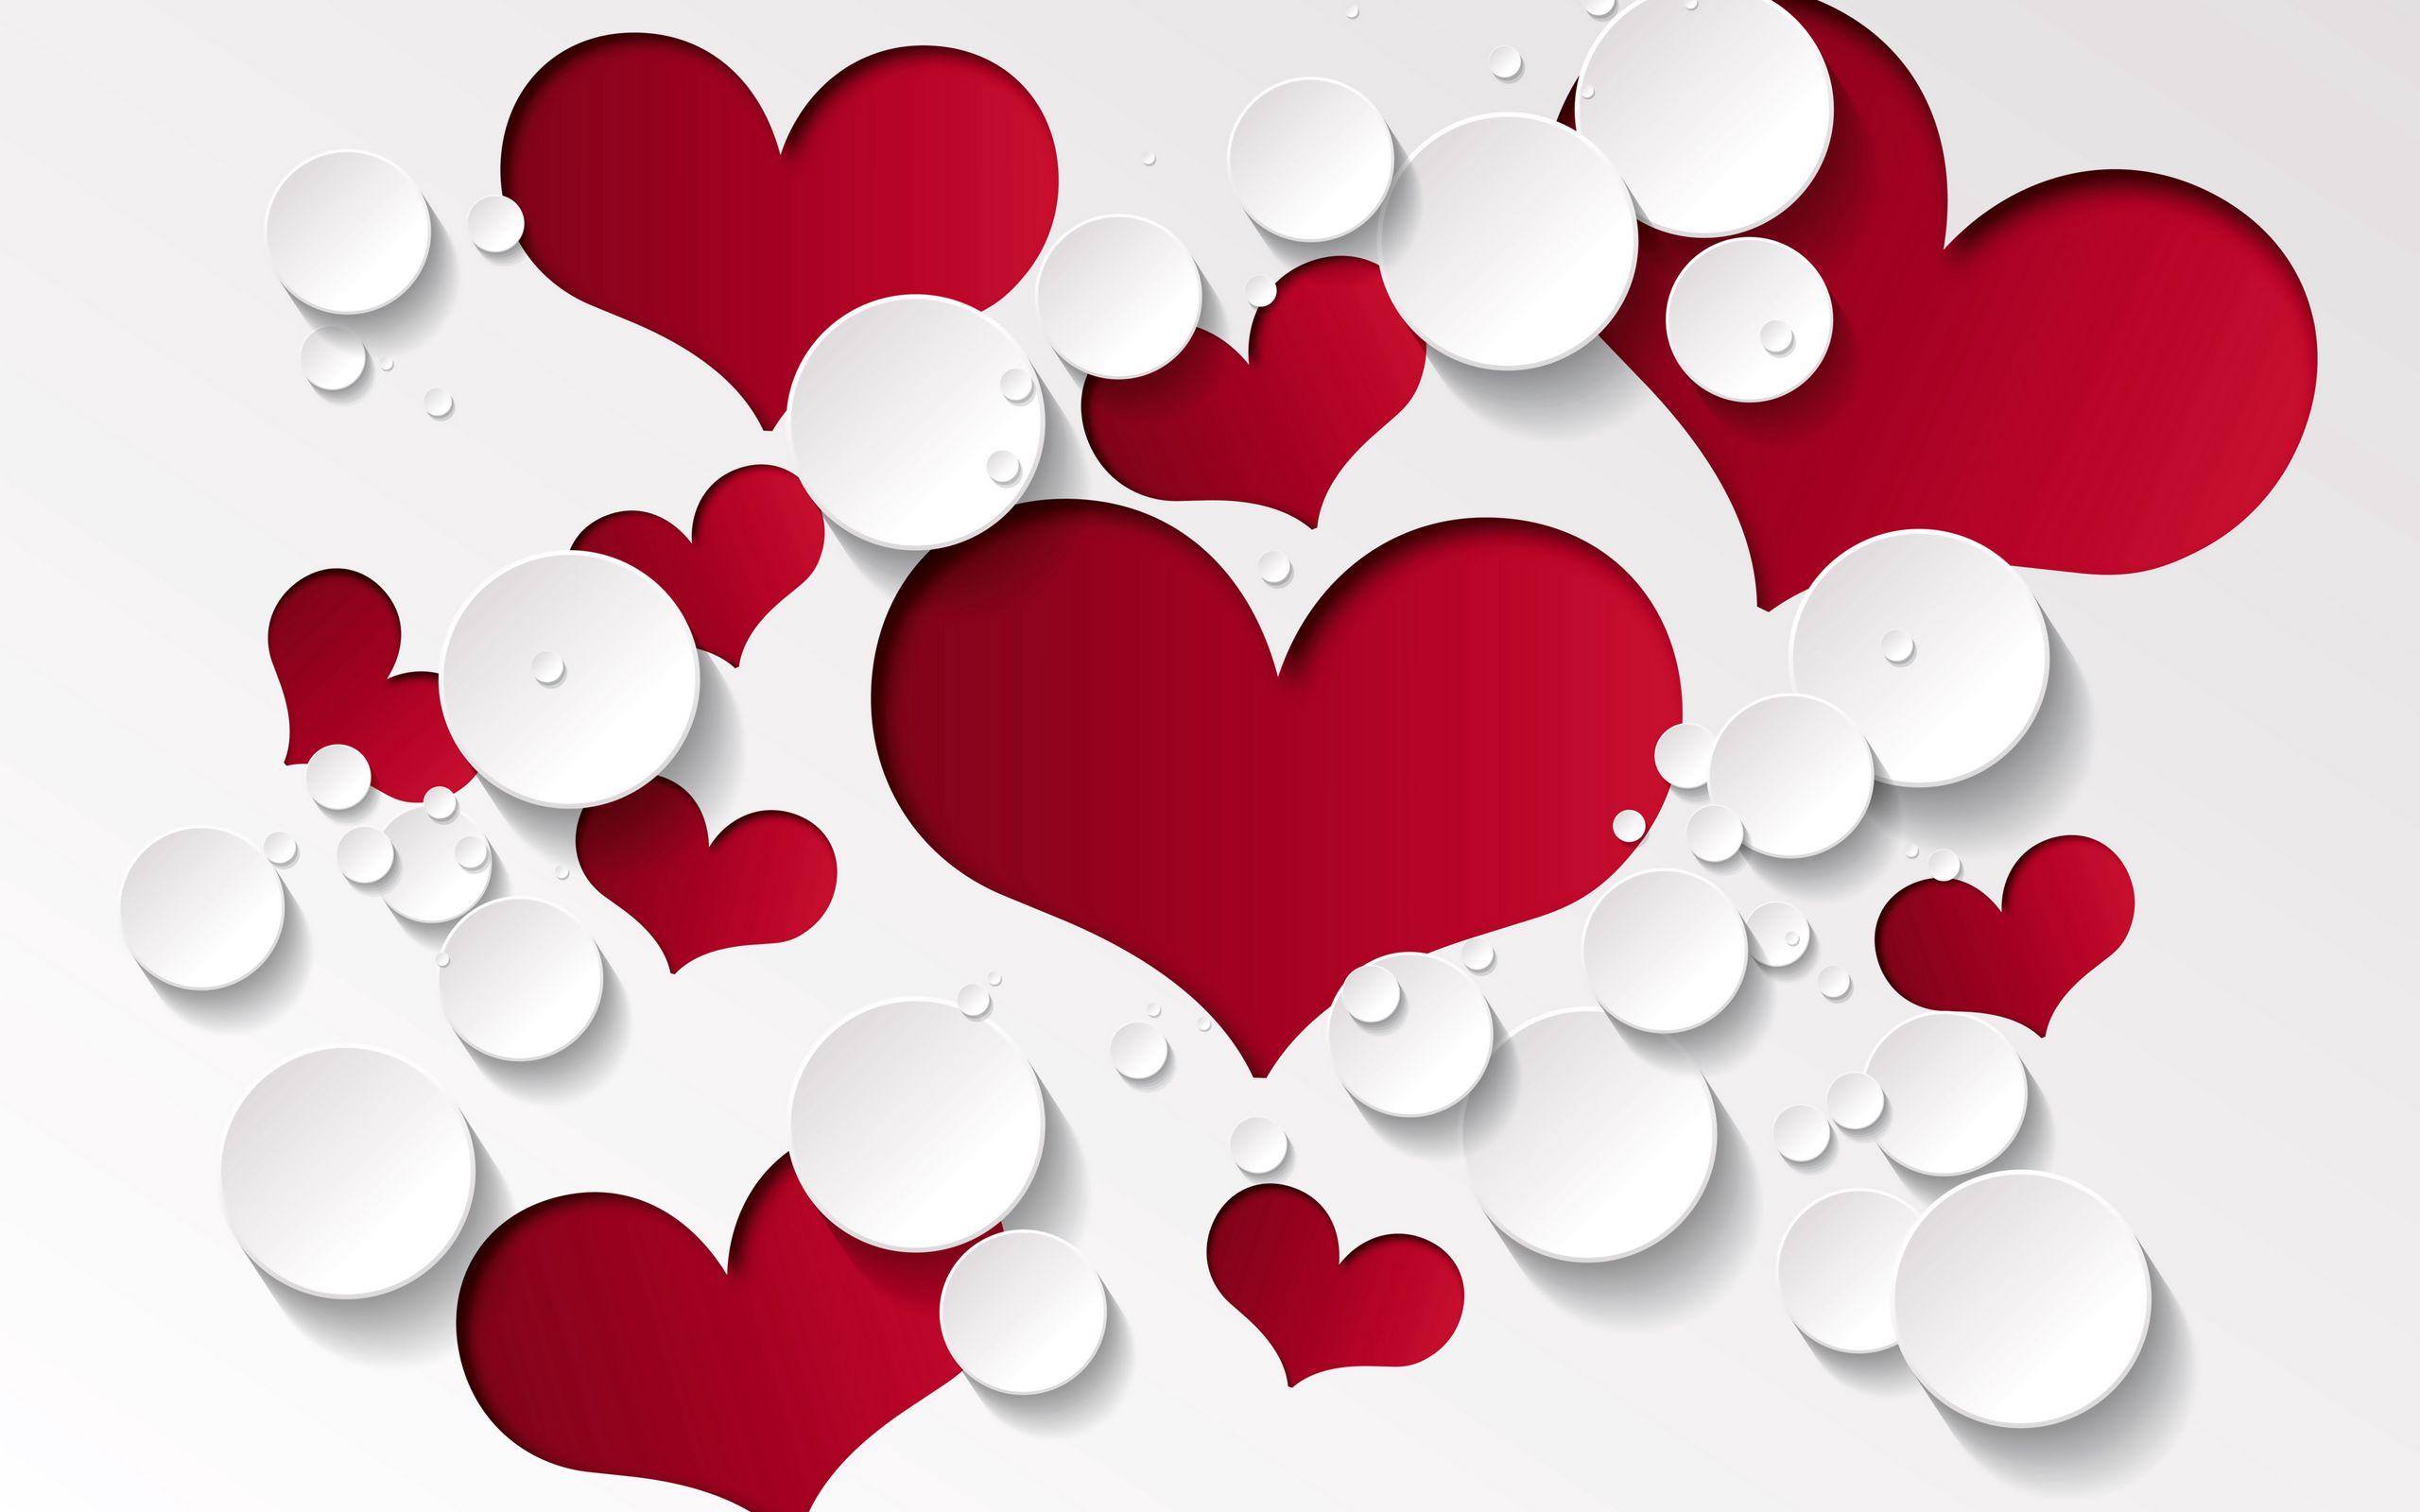 2560x1600 Wallpaper heart, shape, pattern